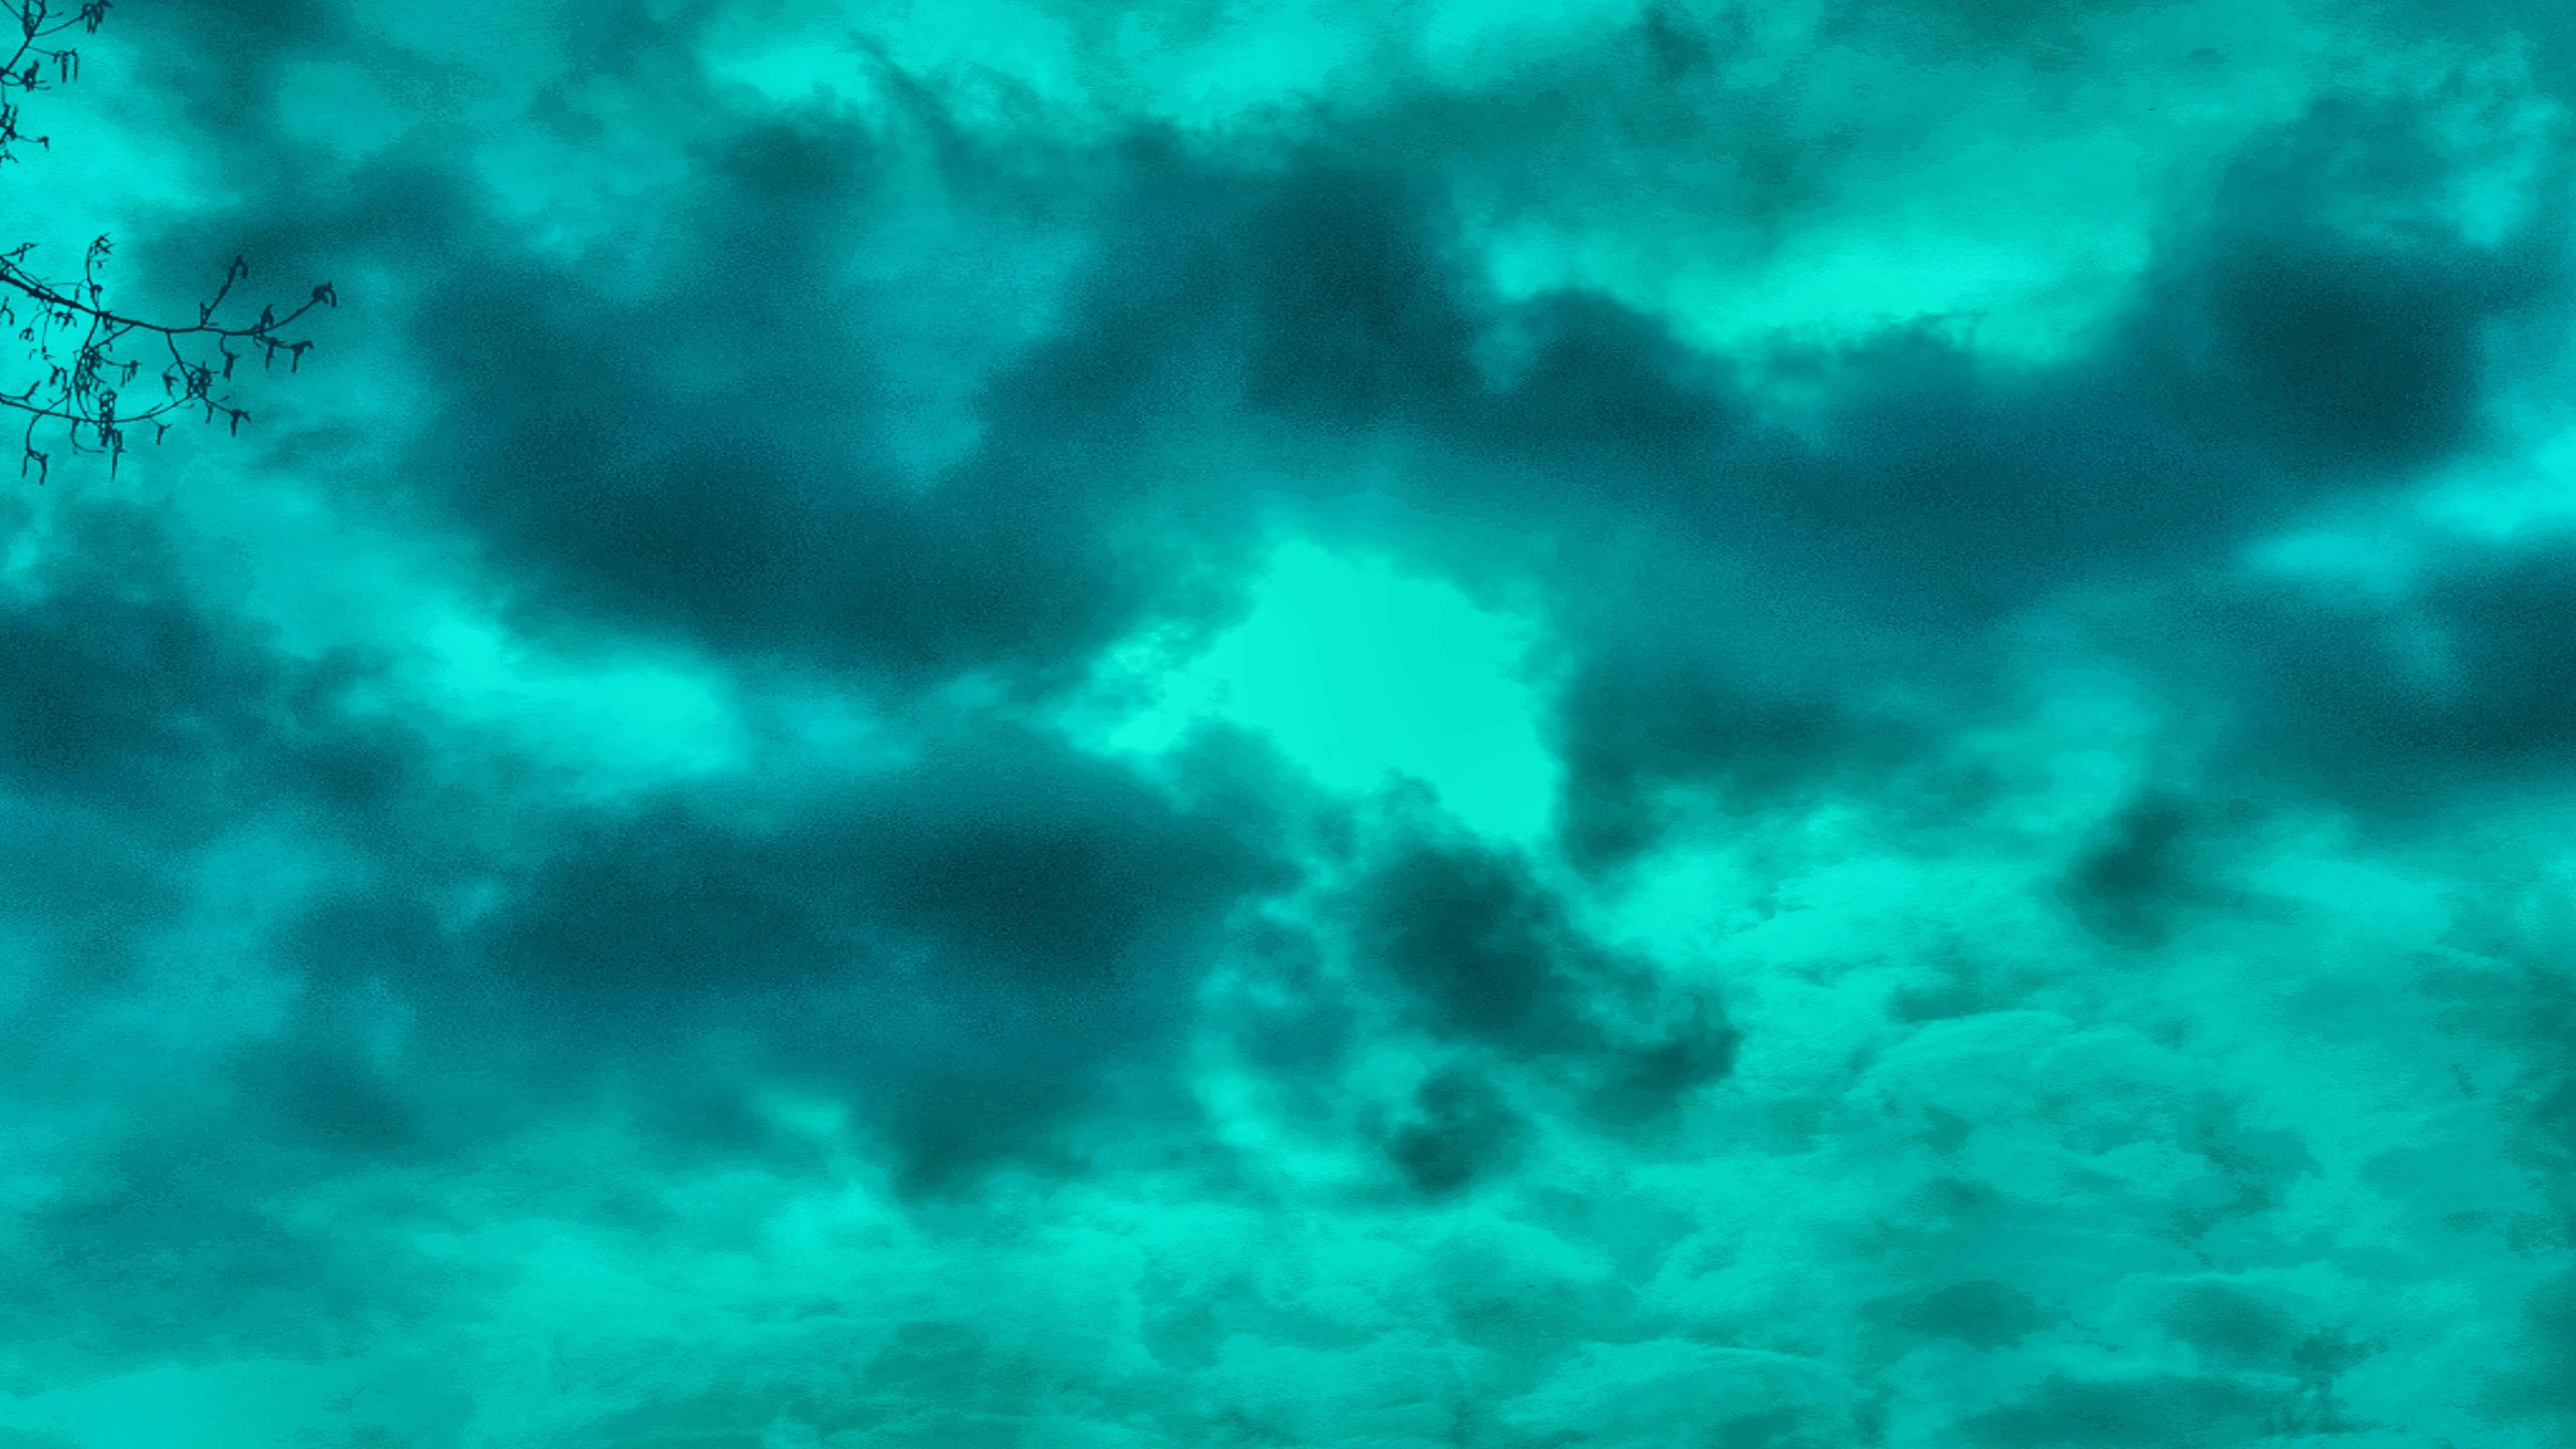 Storm start wallpaper